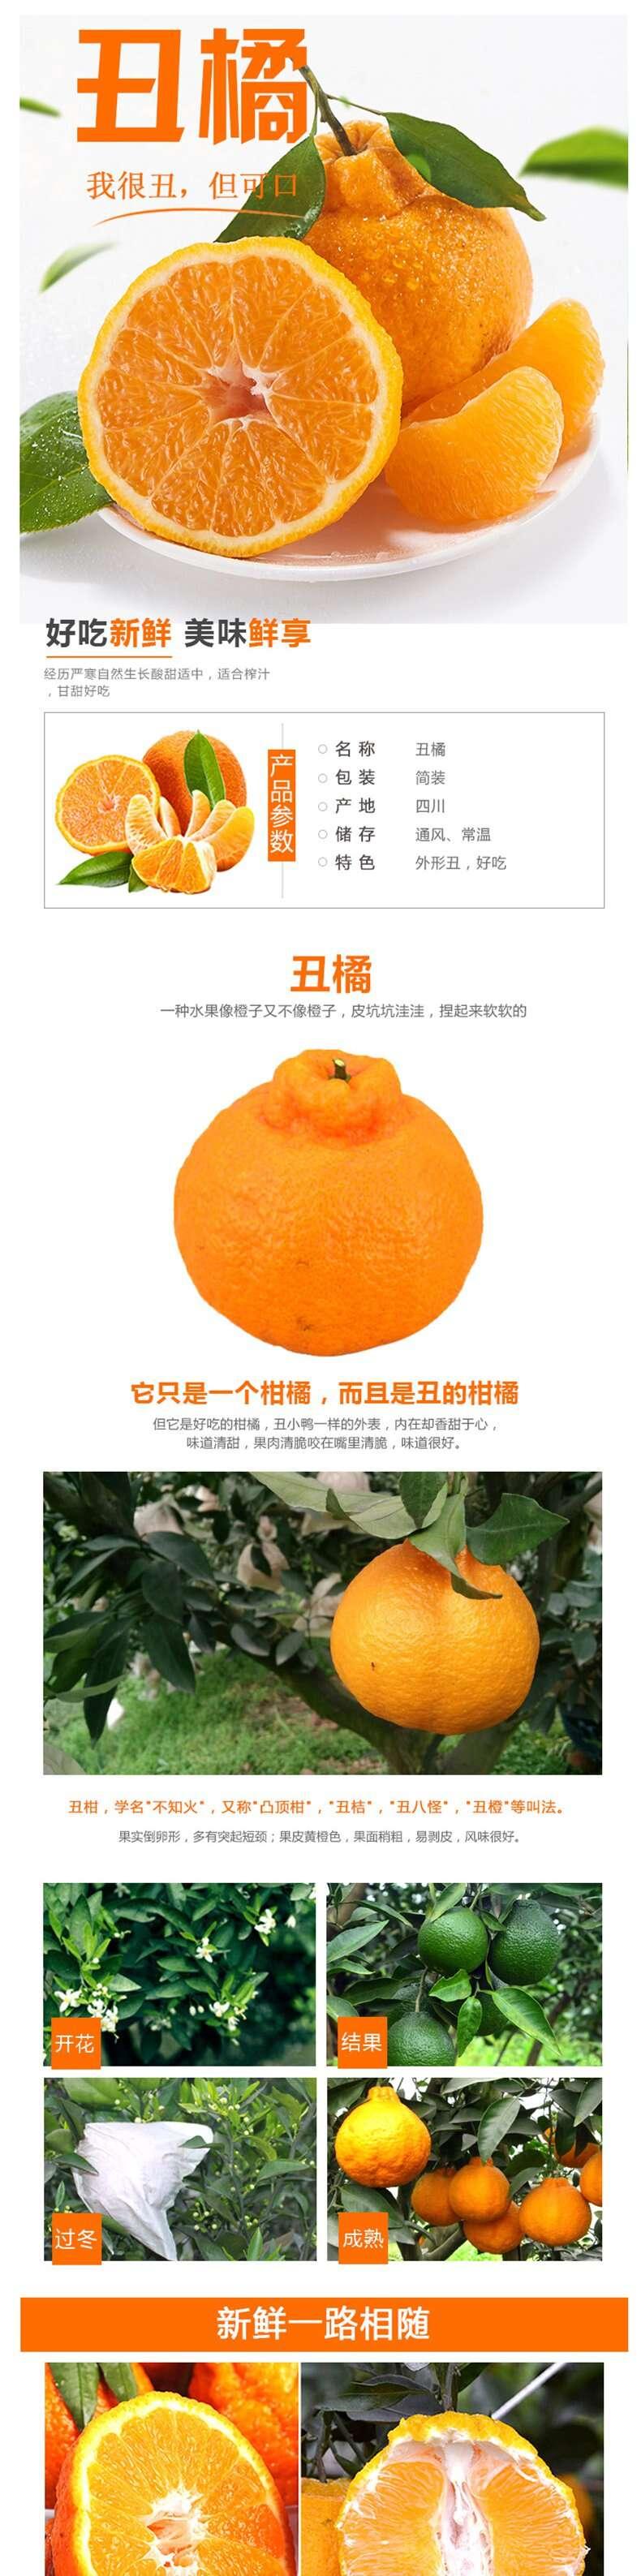 丑橘_副本_1_1.JPG